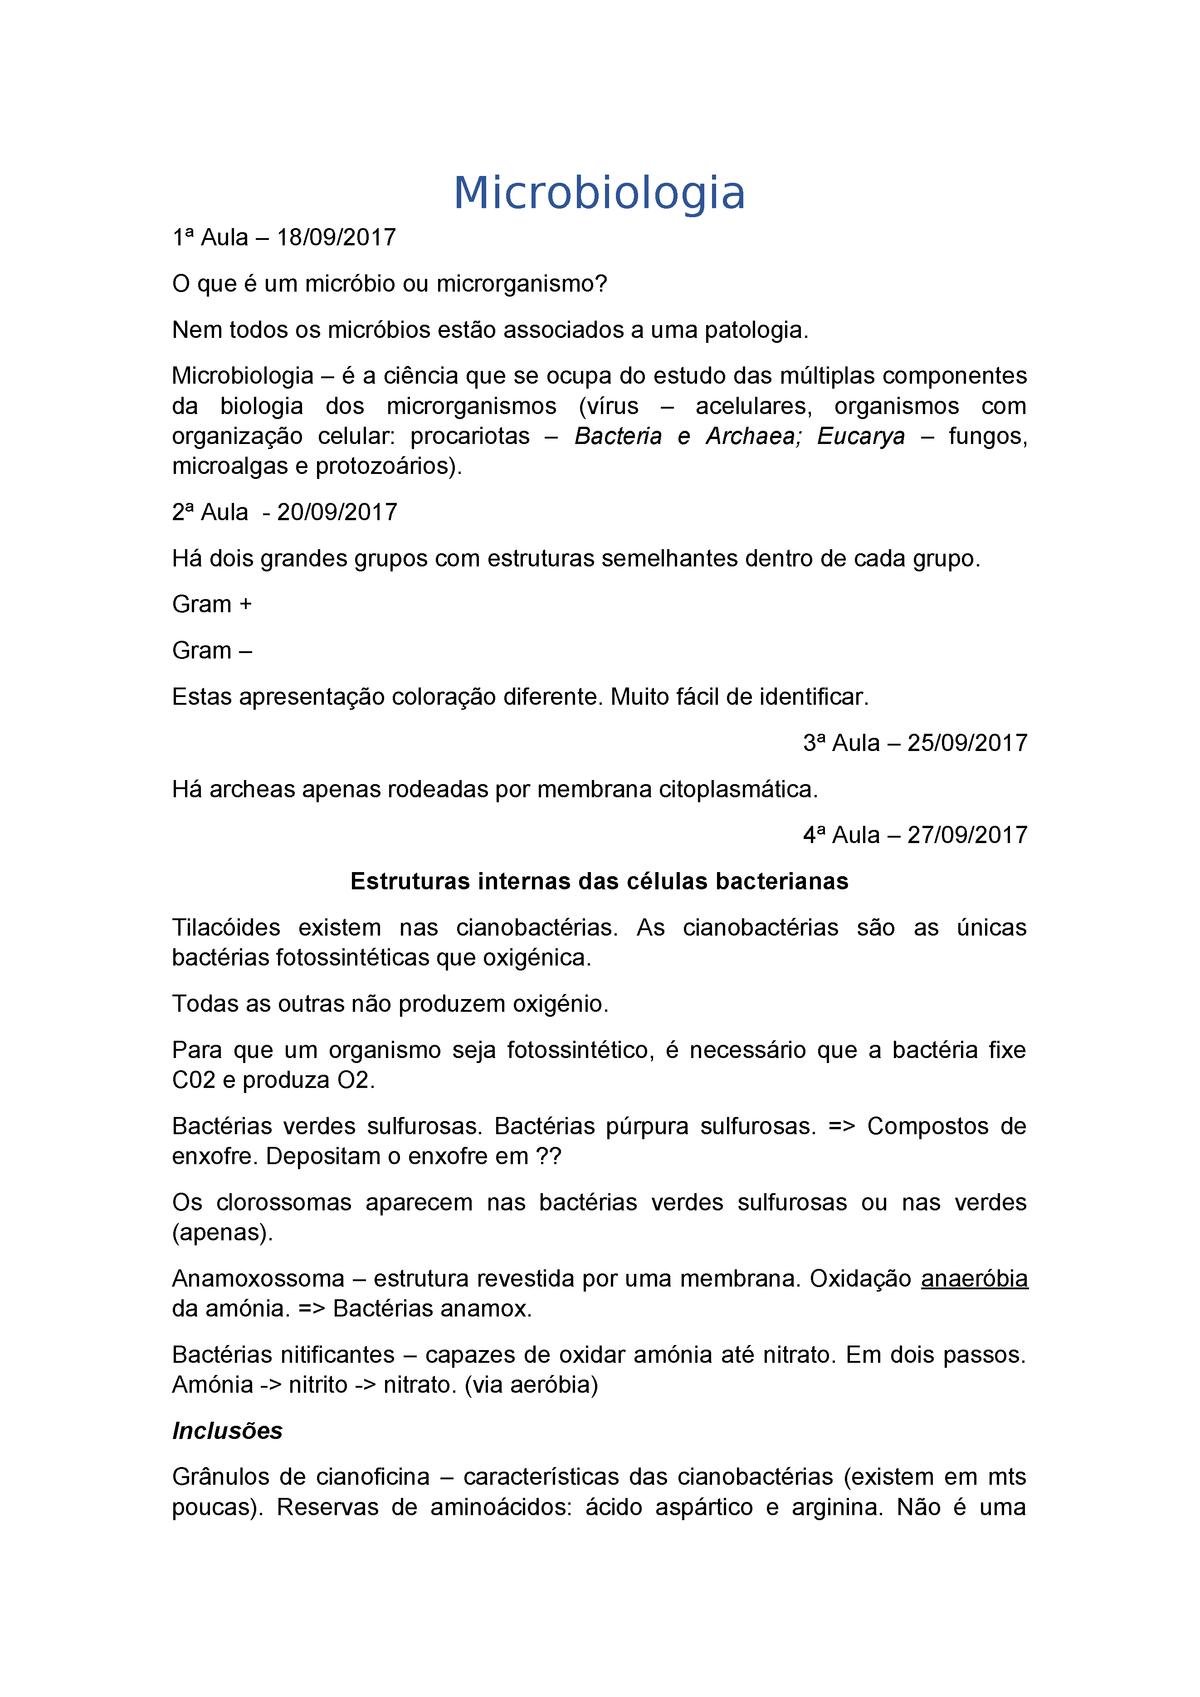 Microbiologia Resumos Do Semestre Inteiro Icbas Ma225